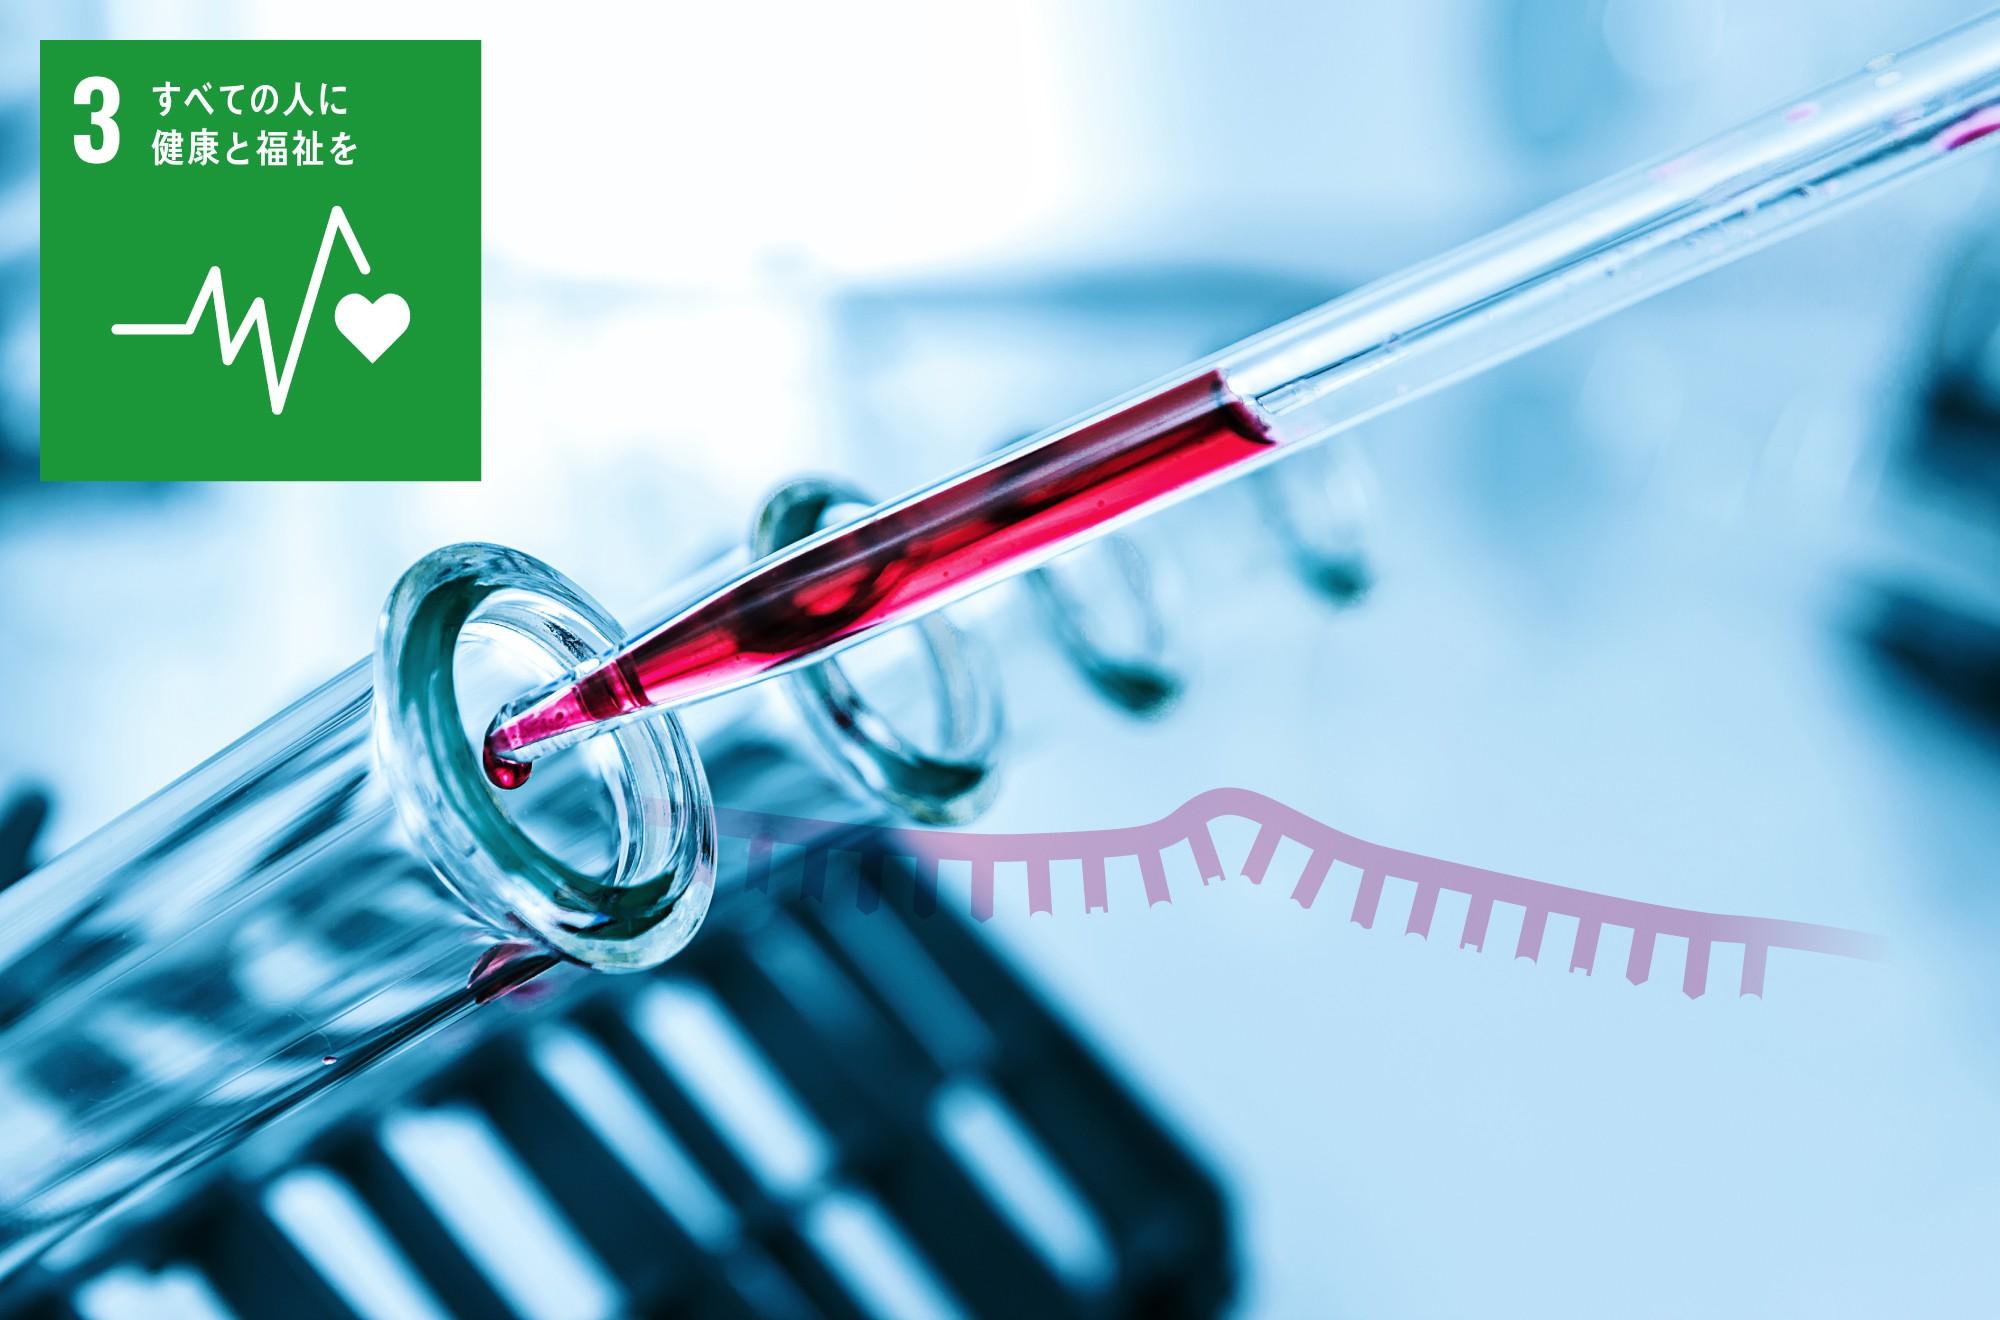 わずかな血液で短時間に13種のがんを検出 -経済産業大臣賞のマイクロRNA検出技術